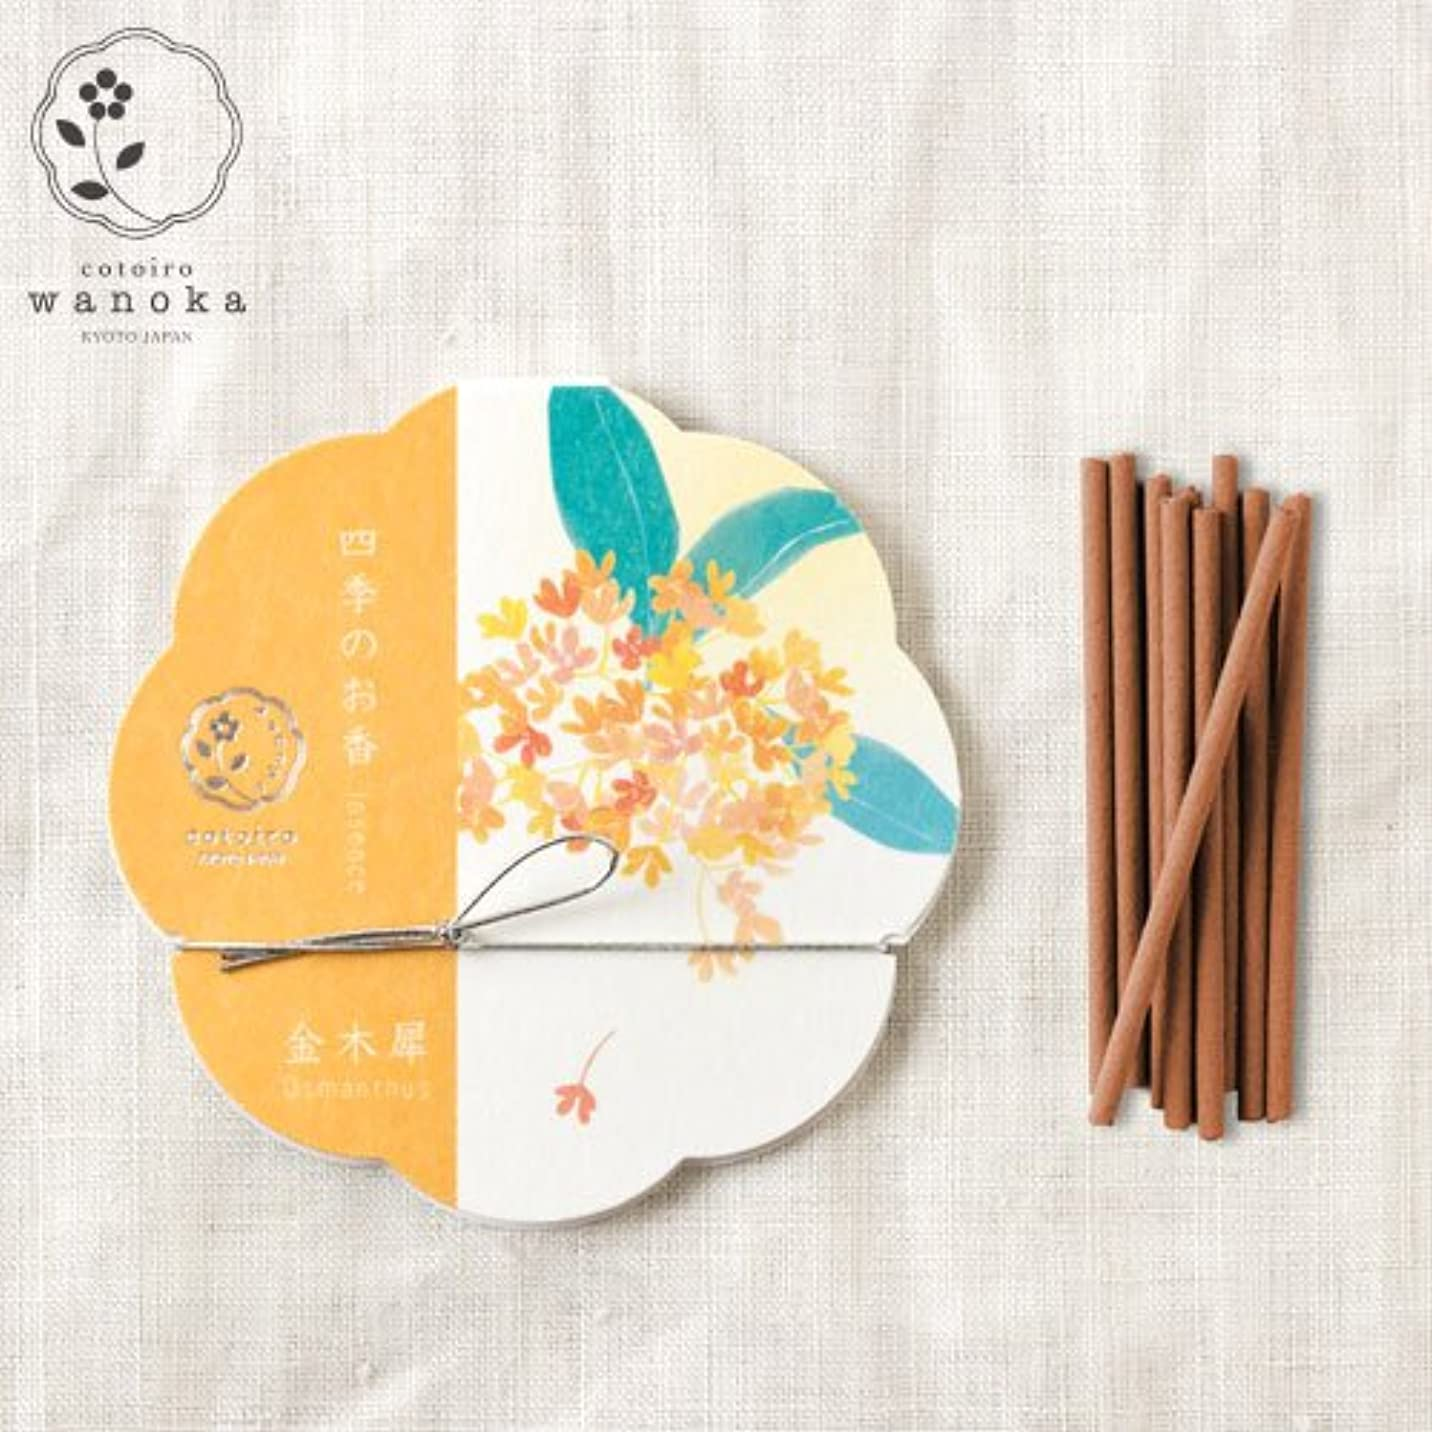 今後責め中傷wanoka四季のお香(インセンス)金木犀《金木犀をイメージした果実のような甘い香り》ART LABIncense stick